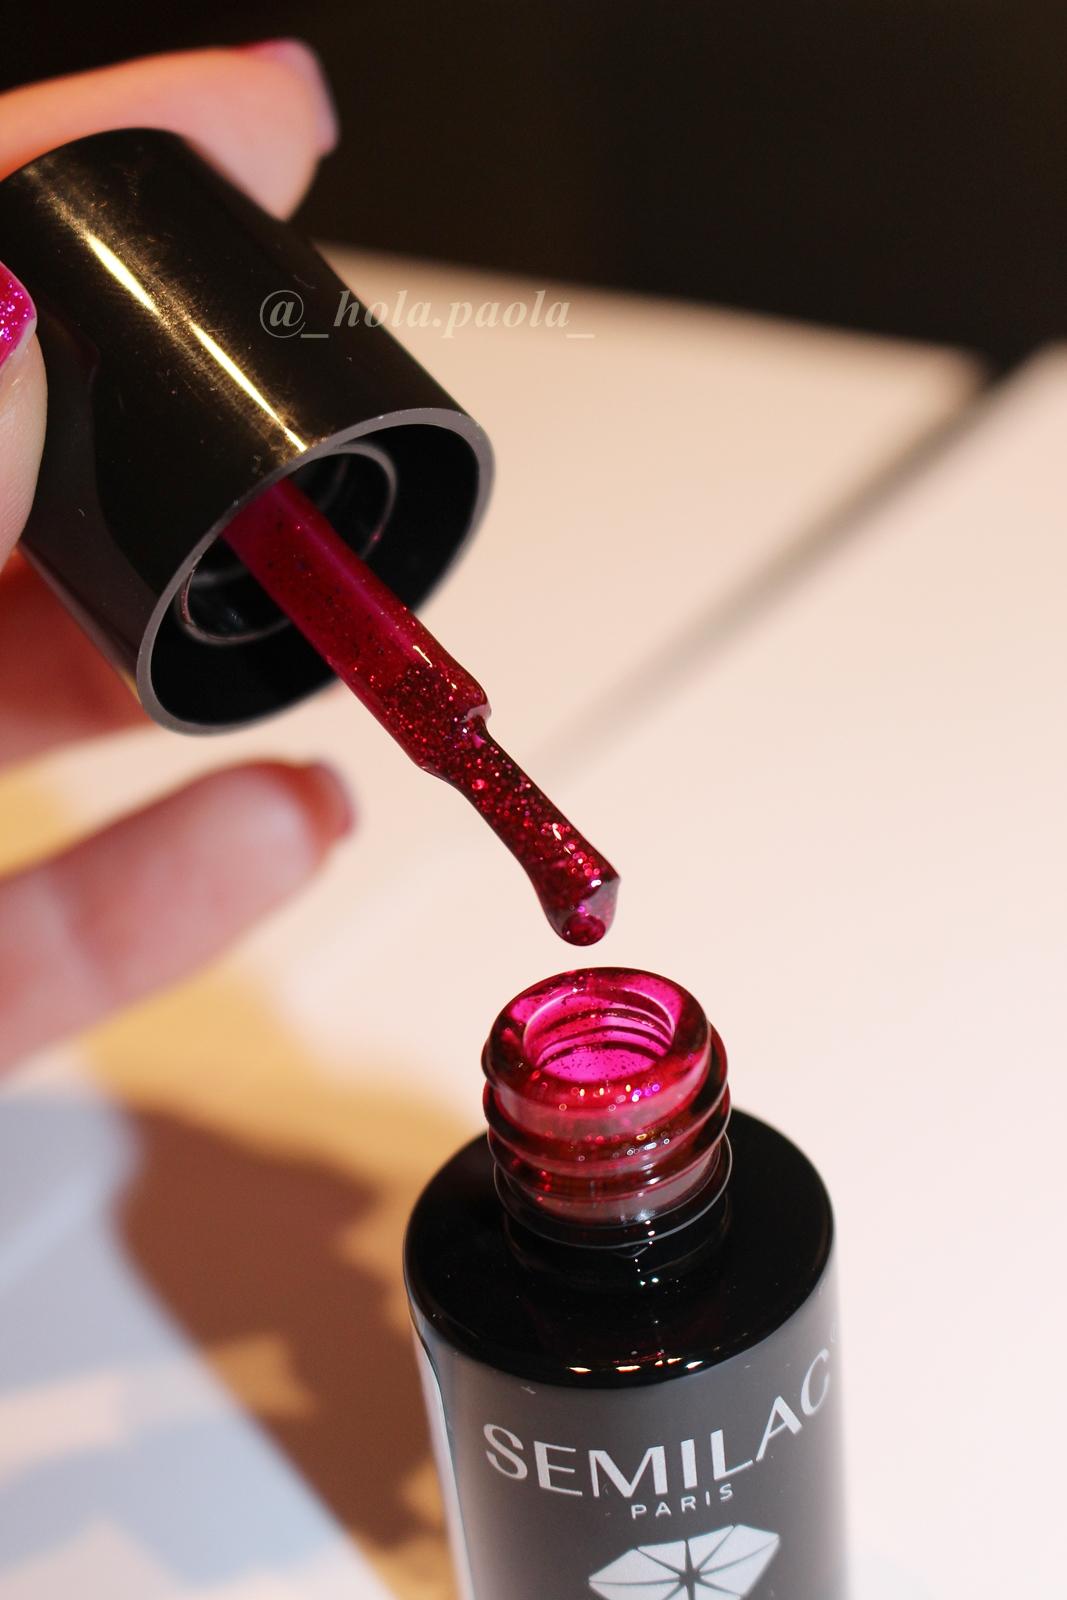 Lakier Hybrydowy Semilac 111 Cherry & Berry nie dostępny w sprzedaży czerwony lakier do paznokci brokat hybrydowe paznokcie jaki wybrać jaki kupić gdzie zdobyć hola paola blog opinia zdjęcia recenzje kolory semilac